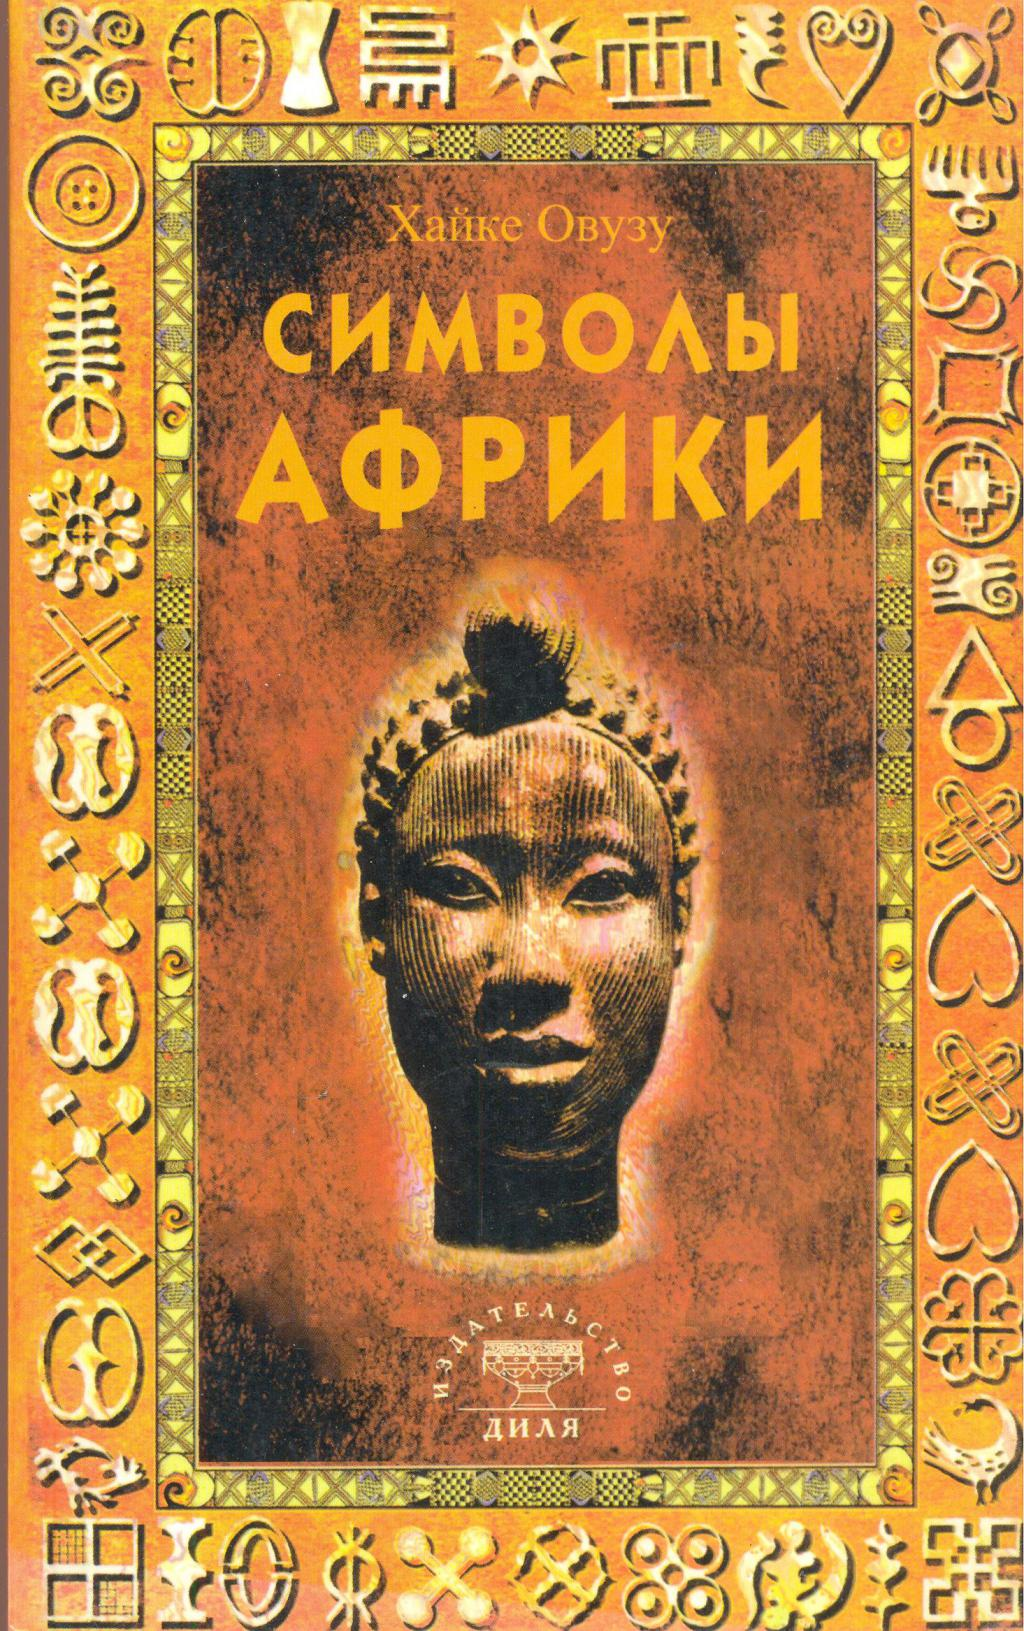 Символы африки хайке овузу